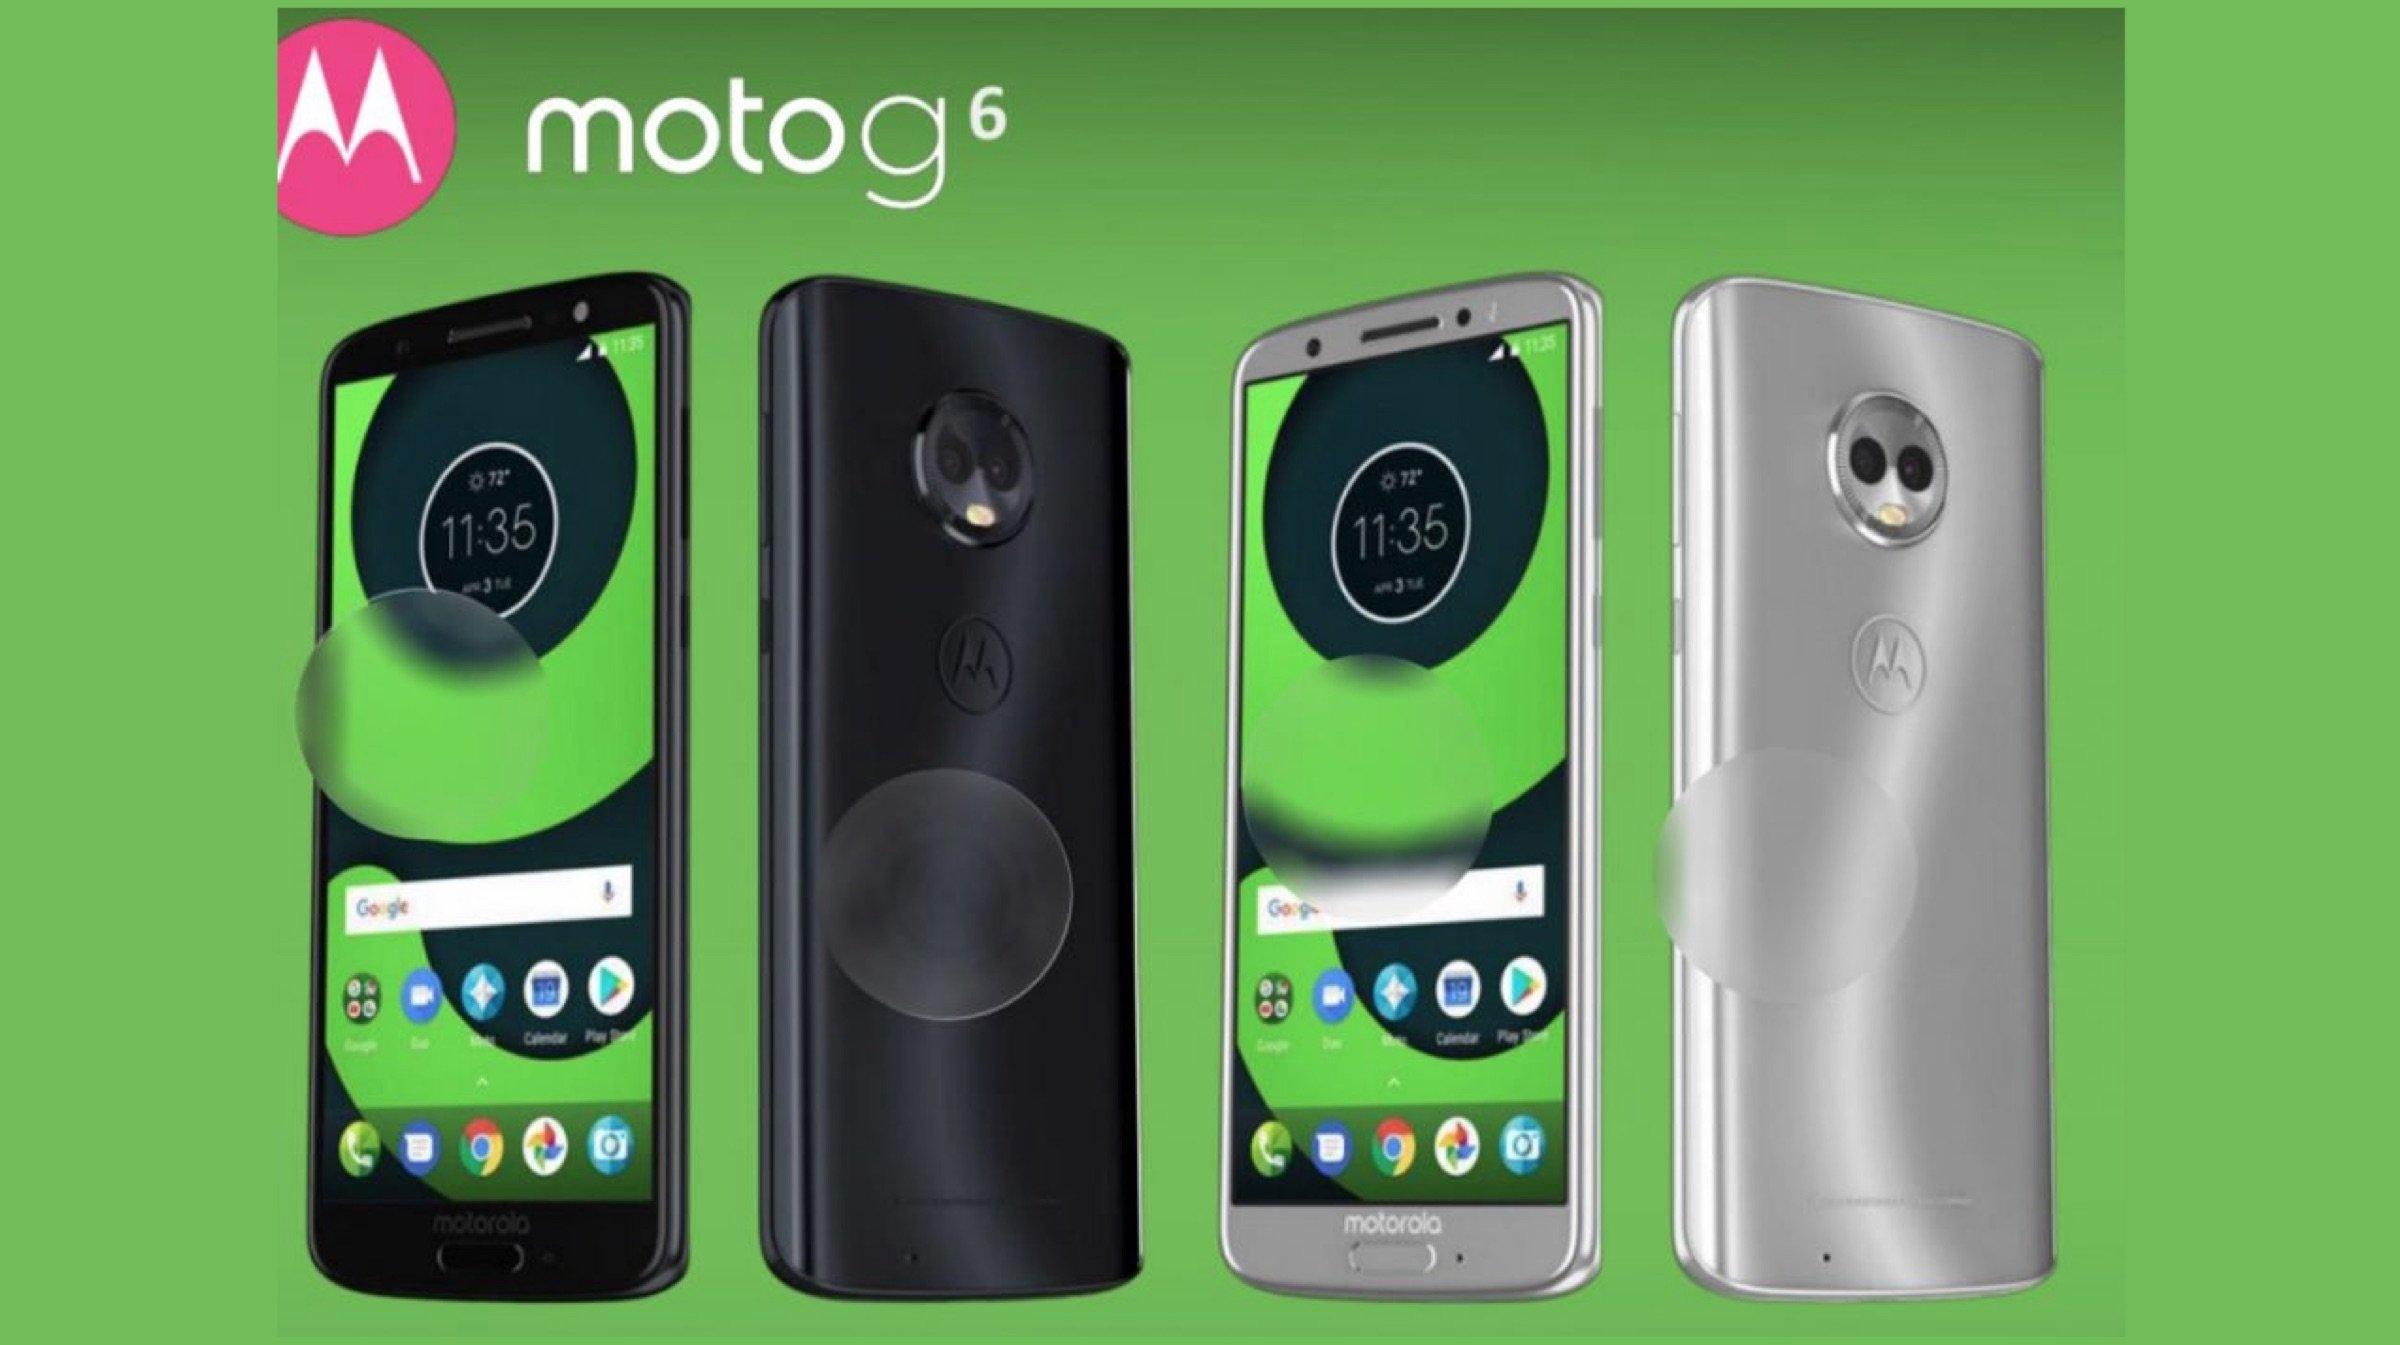 Смартфон Moto G6 получит полноформатный дисплей 18:9